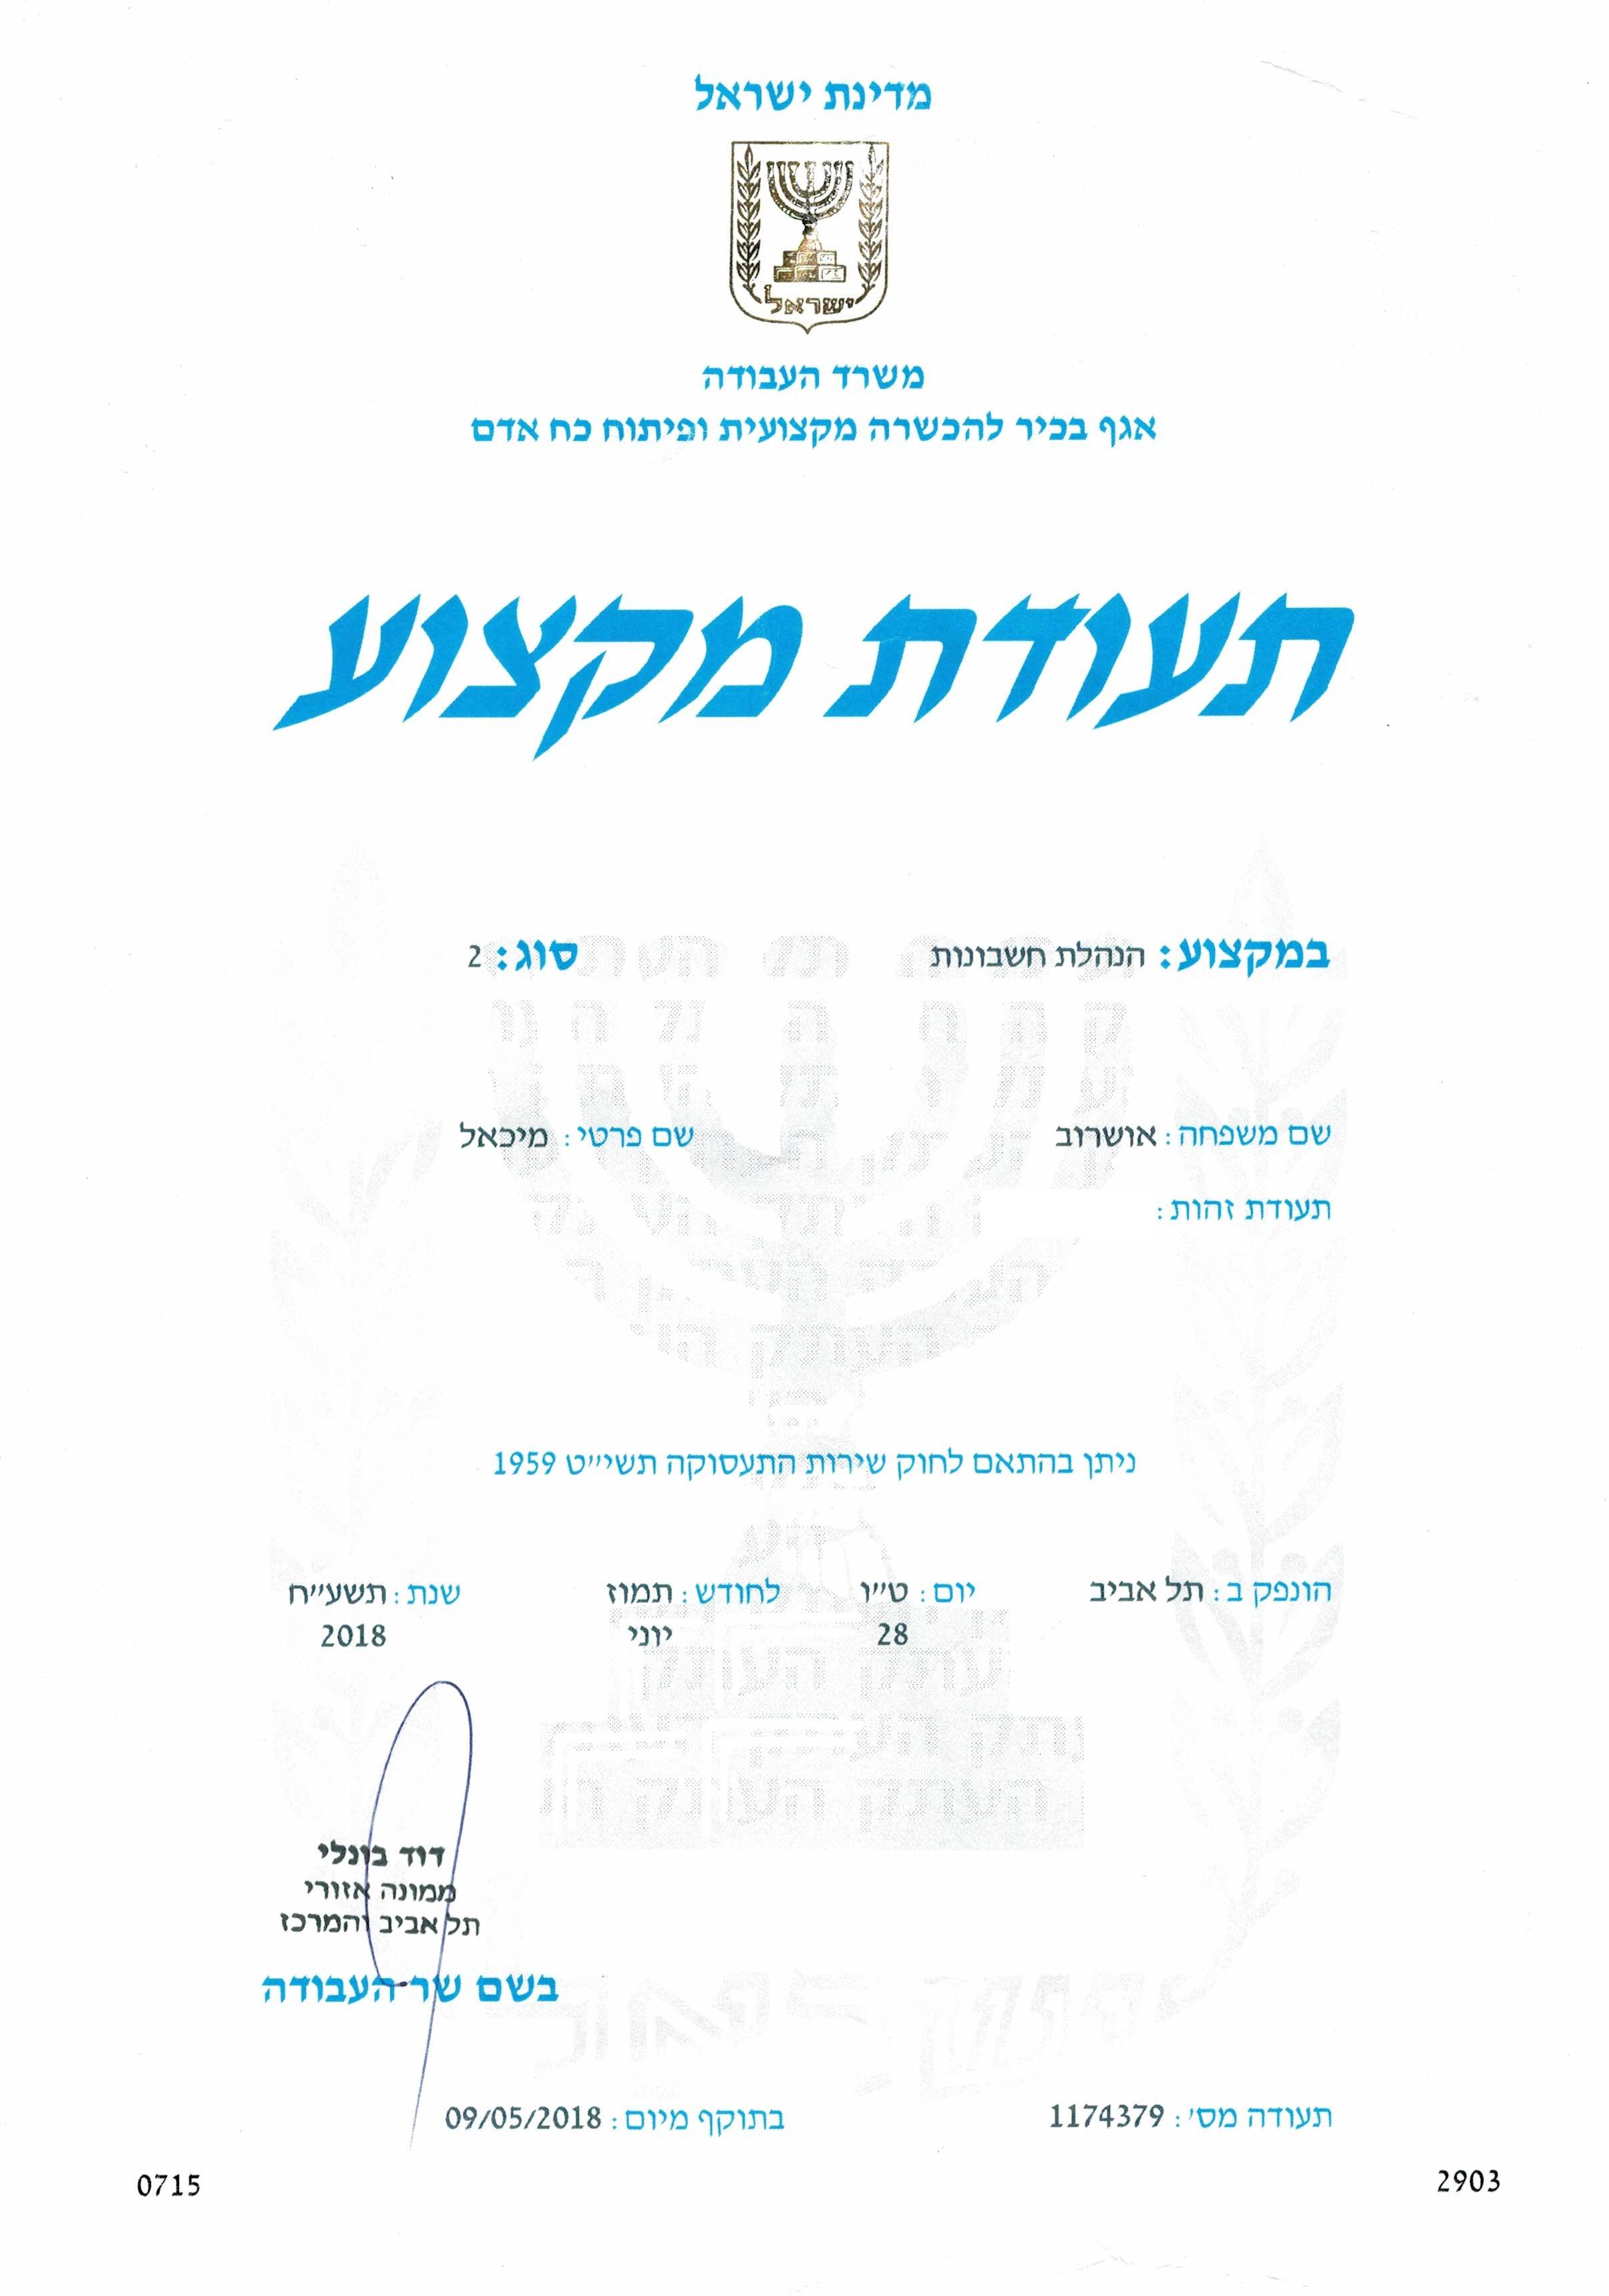 Документ об окончании бухгалтерских курсов в Израиле.